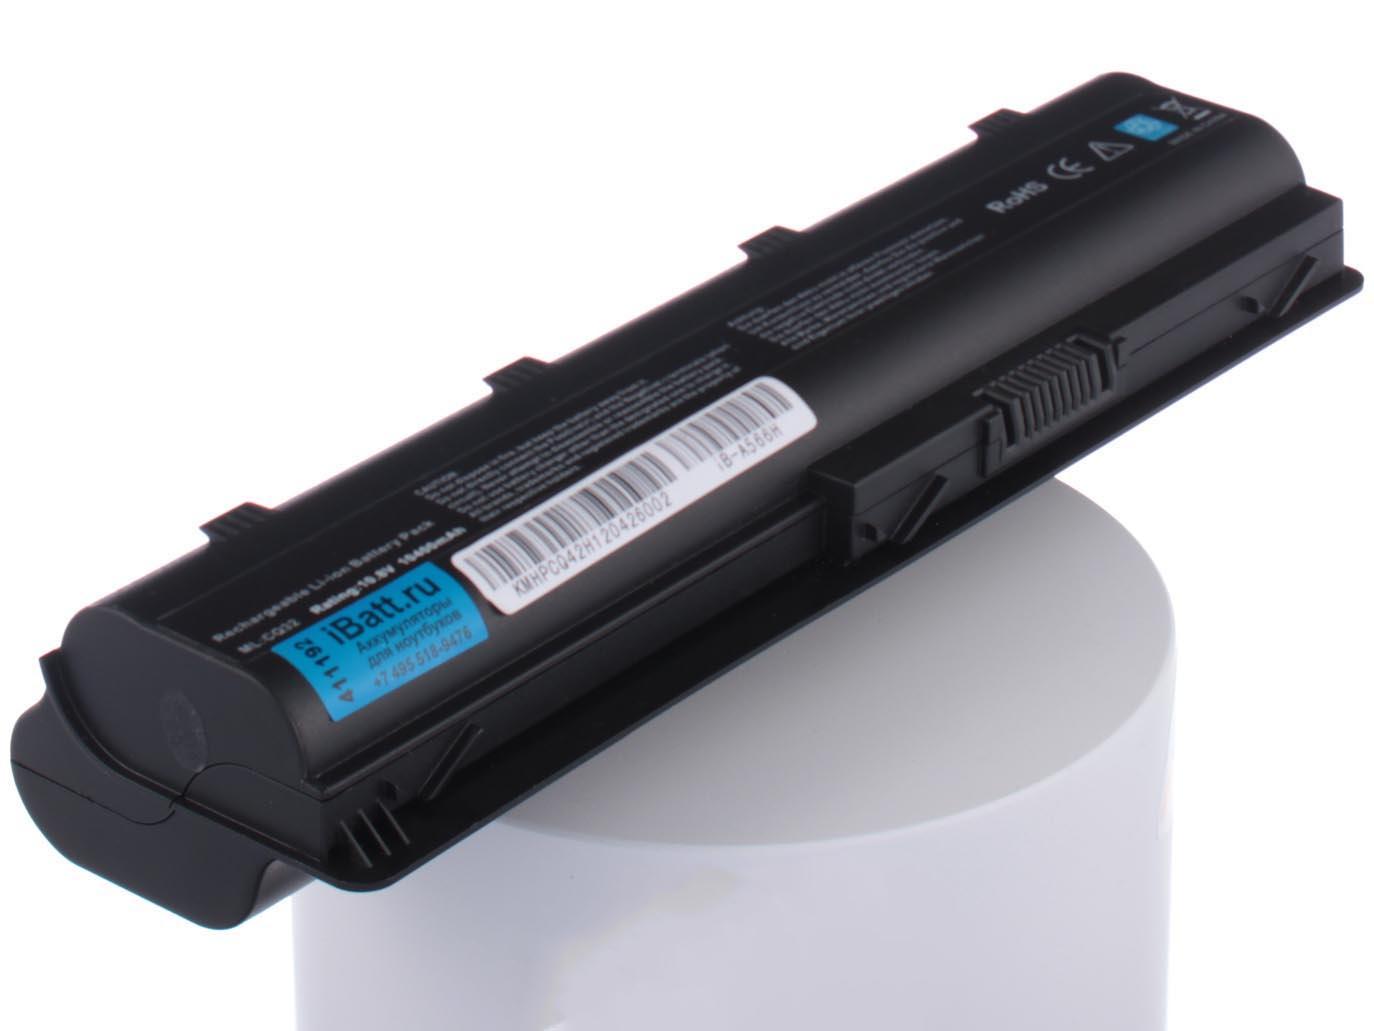 Аккумулятор для ноутбука iBatt для HP-Compaq Pavilion dv7-4150sr, Pavilion dv7-4295us, Pavilion DV7-4300, Pavilion dv7-6027ez, Pavilion dv7-6050er, Pavilion dv7-6101eg, Pavilion dv7-6123cl, Pavilion dv7-6163cl